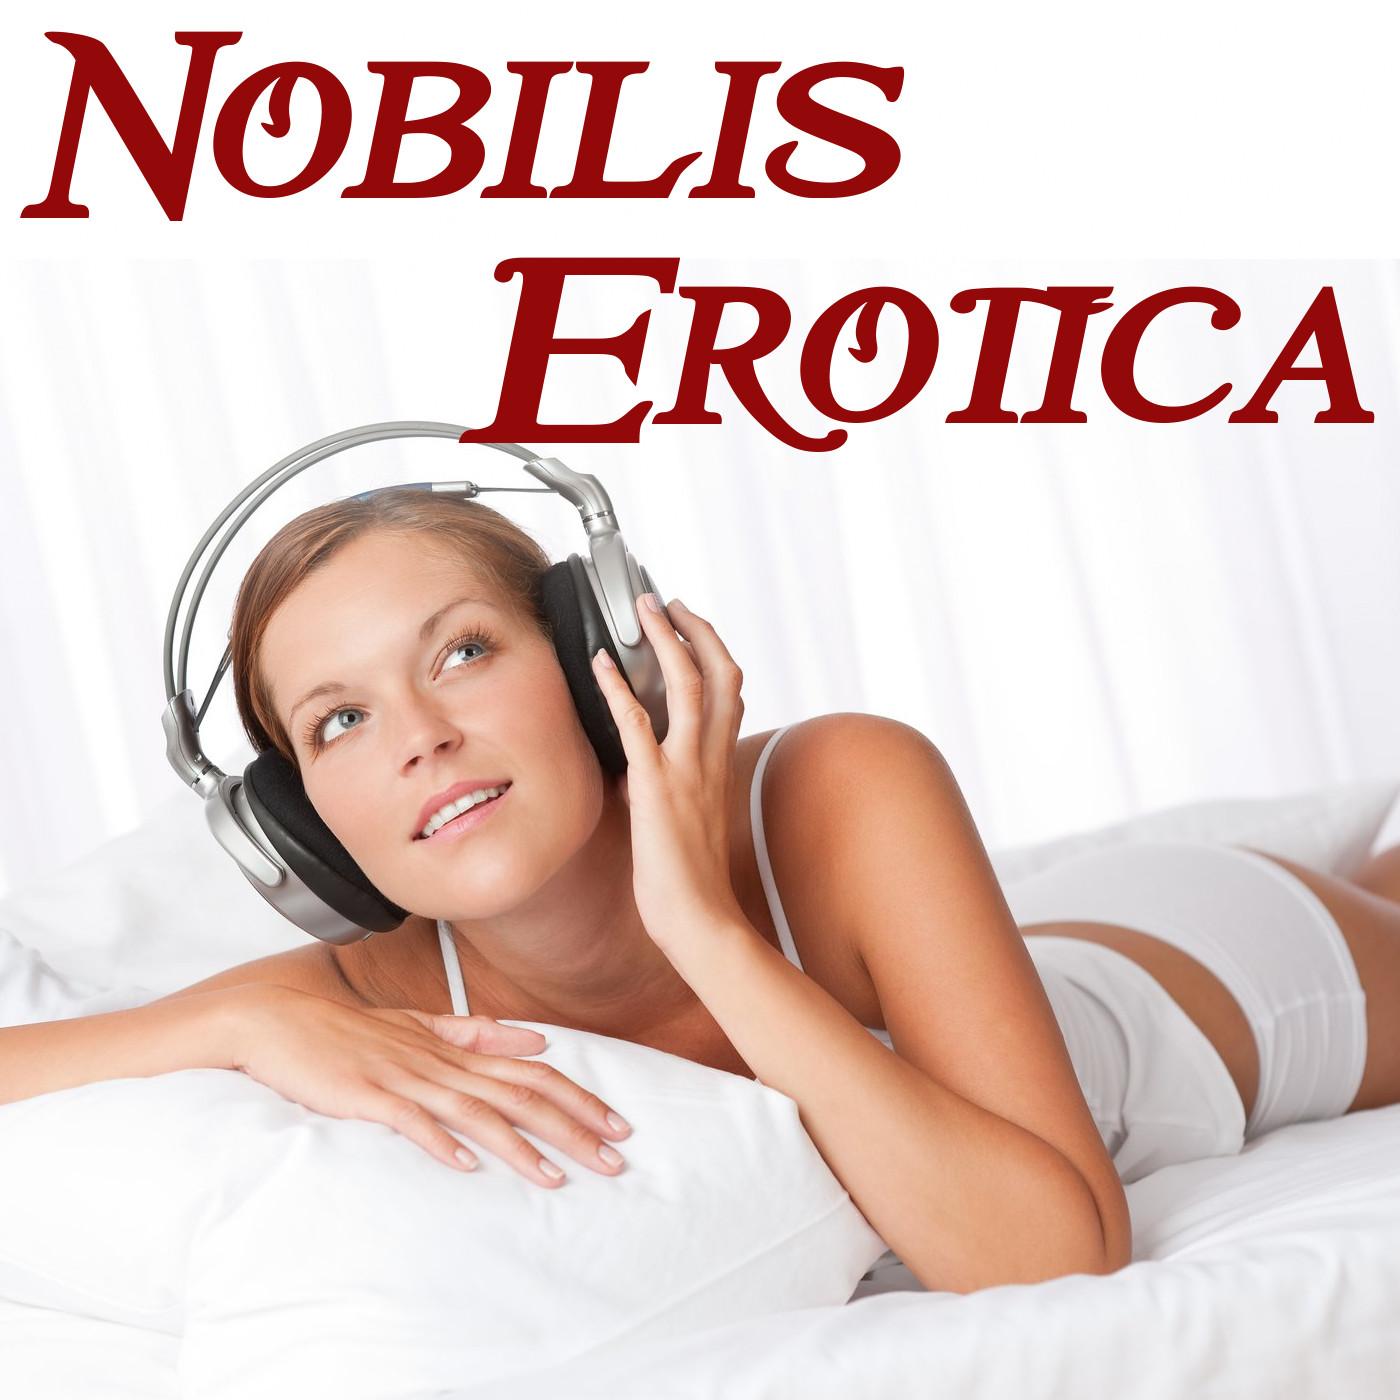 Nobilis Erotica show art